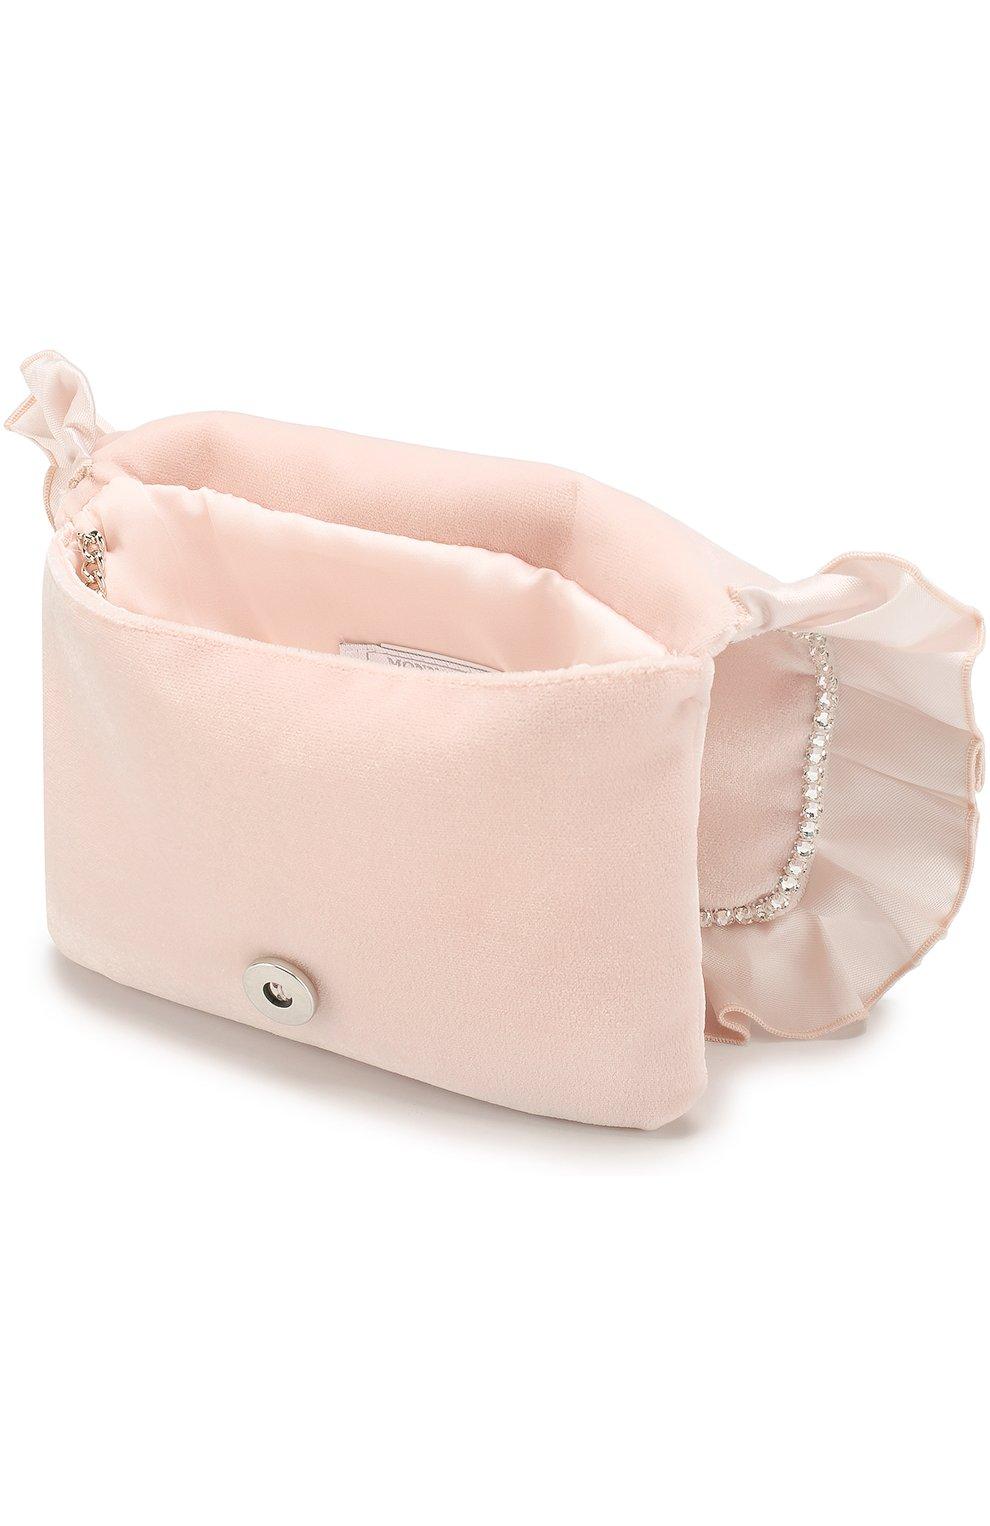 Текстильная сумка с оборкой и стразами MONNALISA розового цвета ... 766b935705e